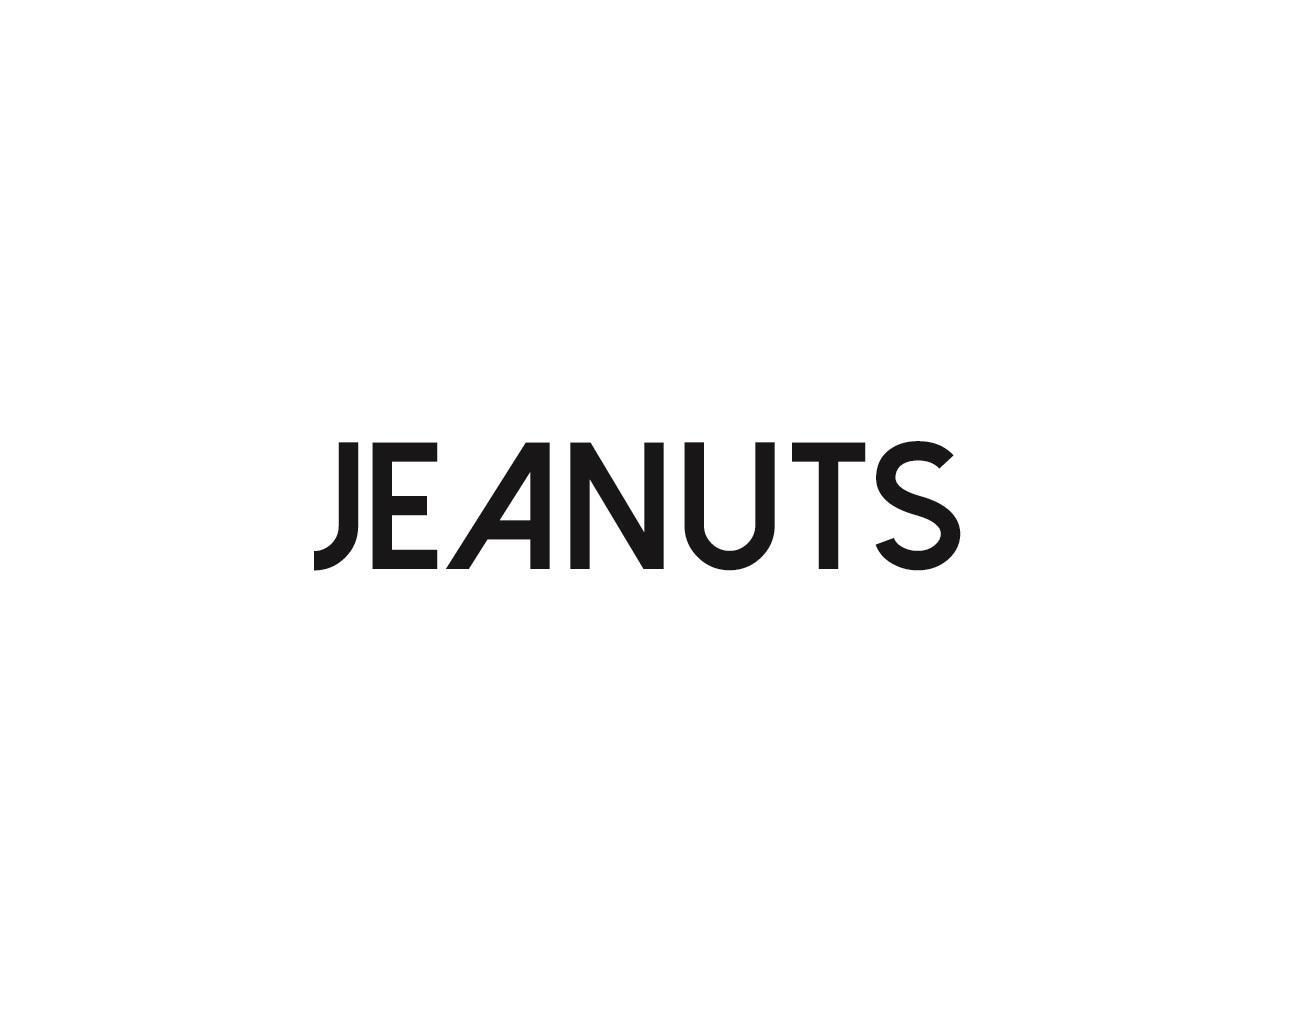 JEANUTS